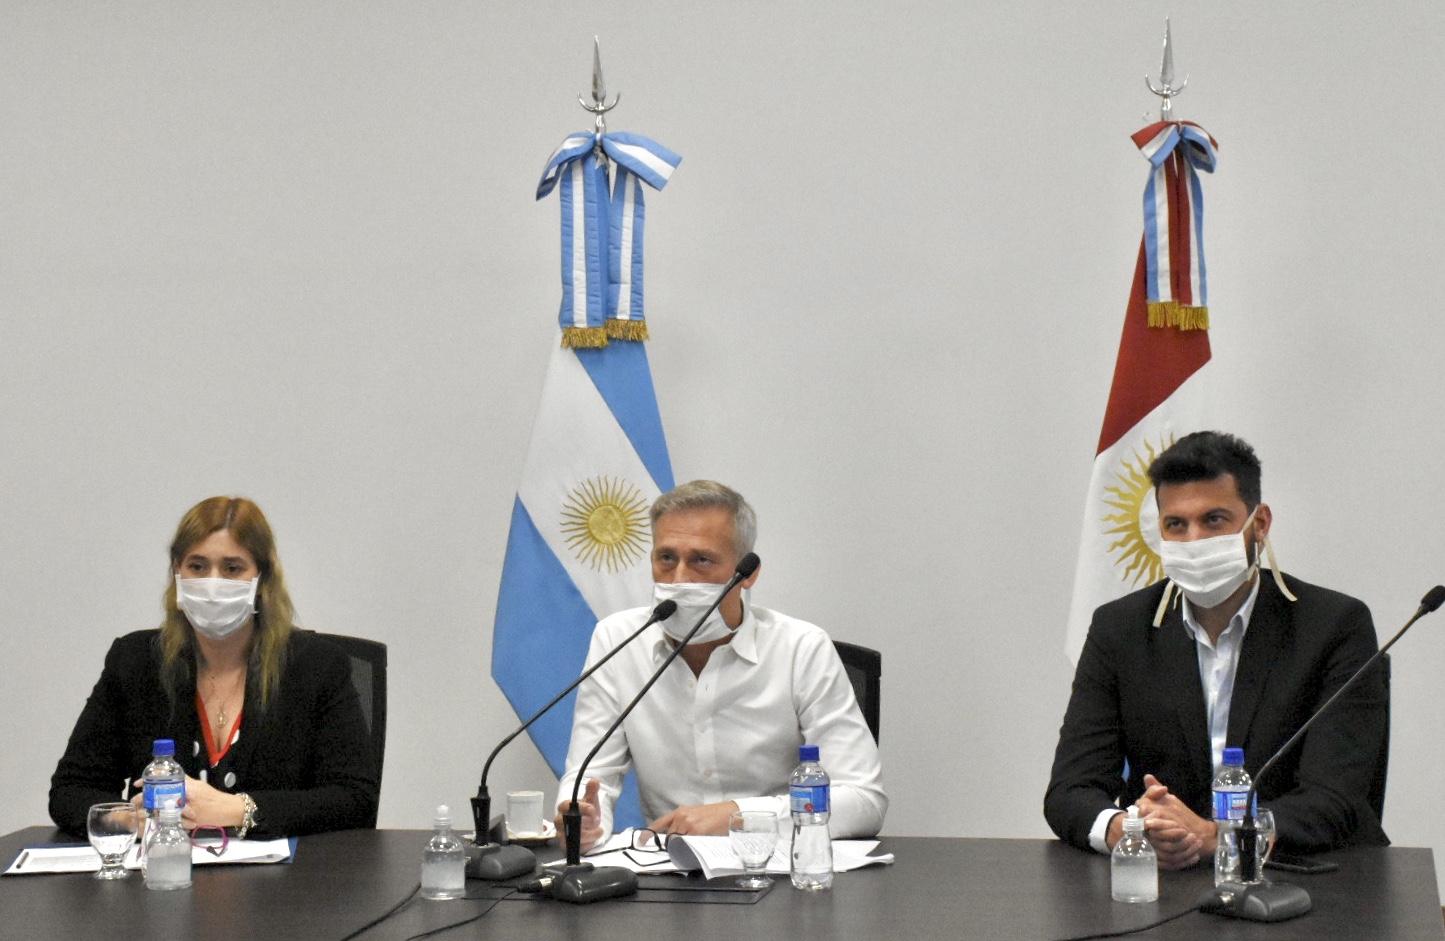 La Agencia Córdoba Turismo presentó su plan de acción ante la Comisión de Turismo de la Legislatura